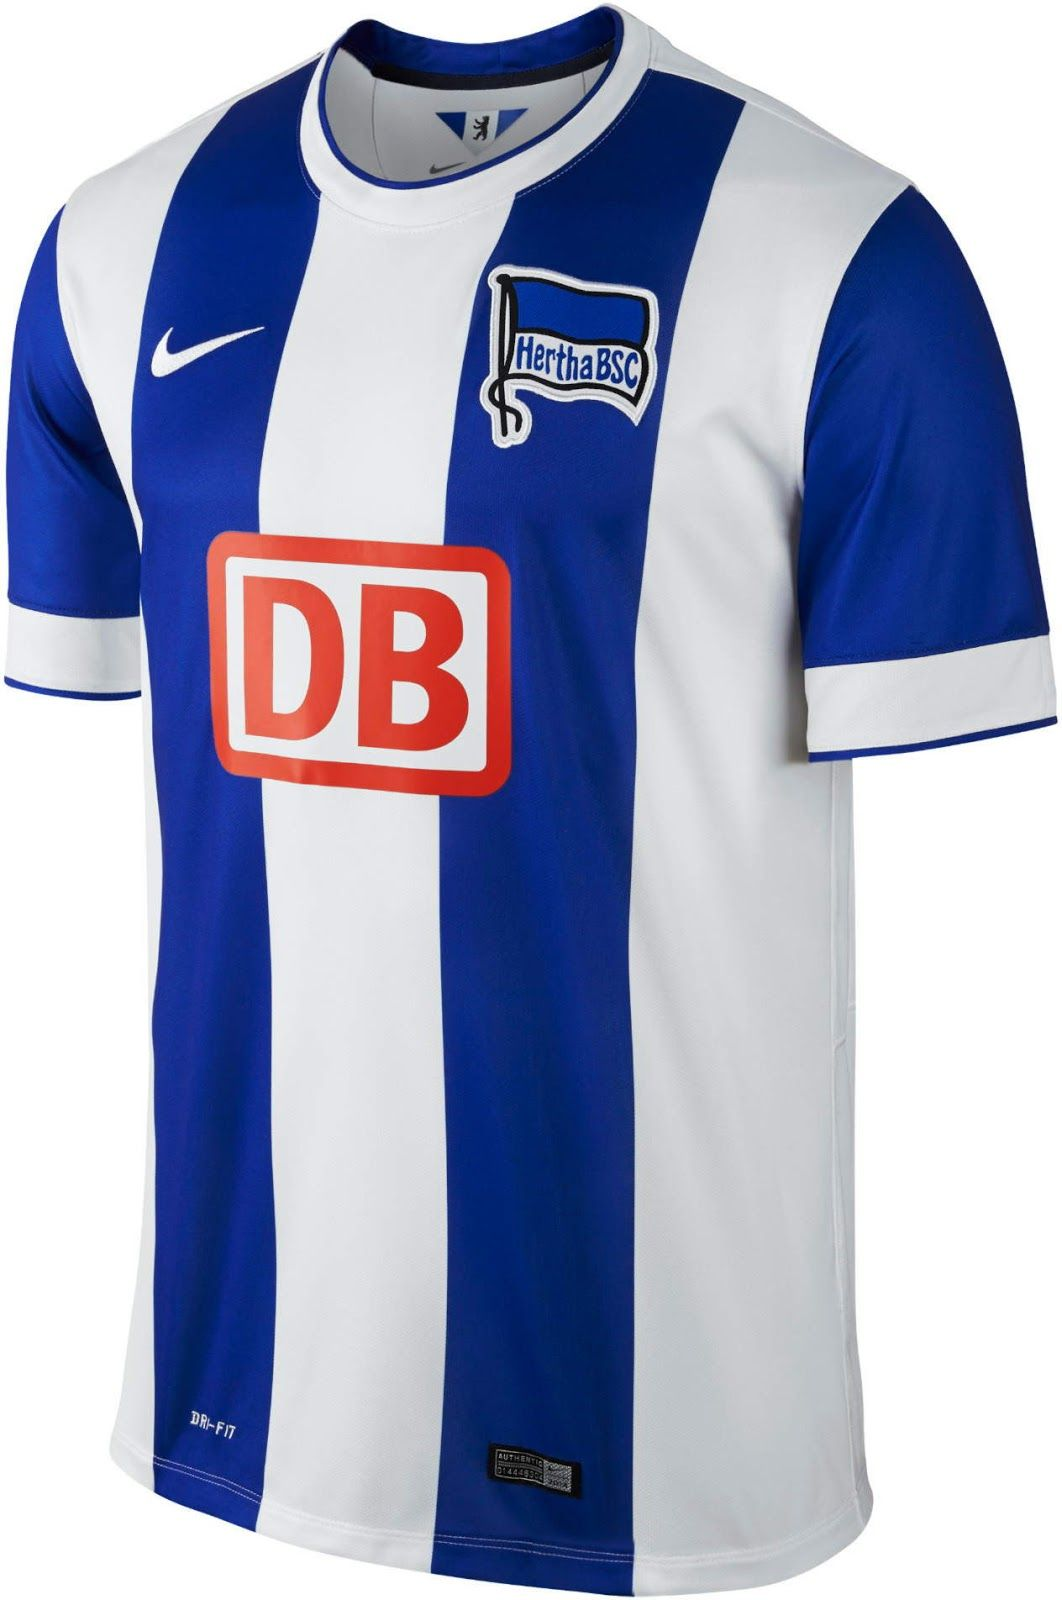 Nike – Hertha BSC  4988cd5dc